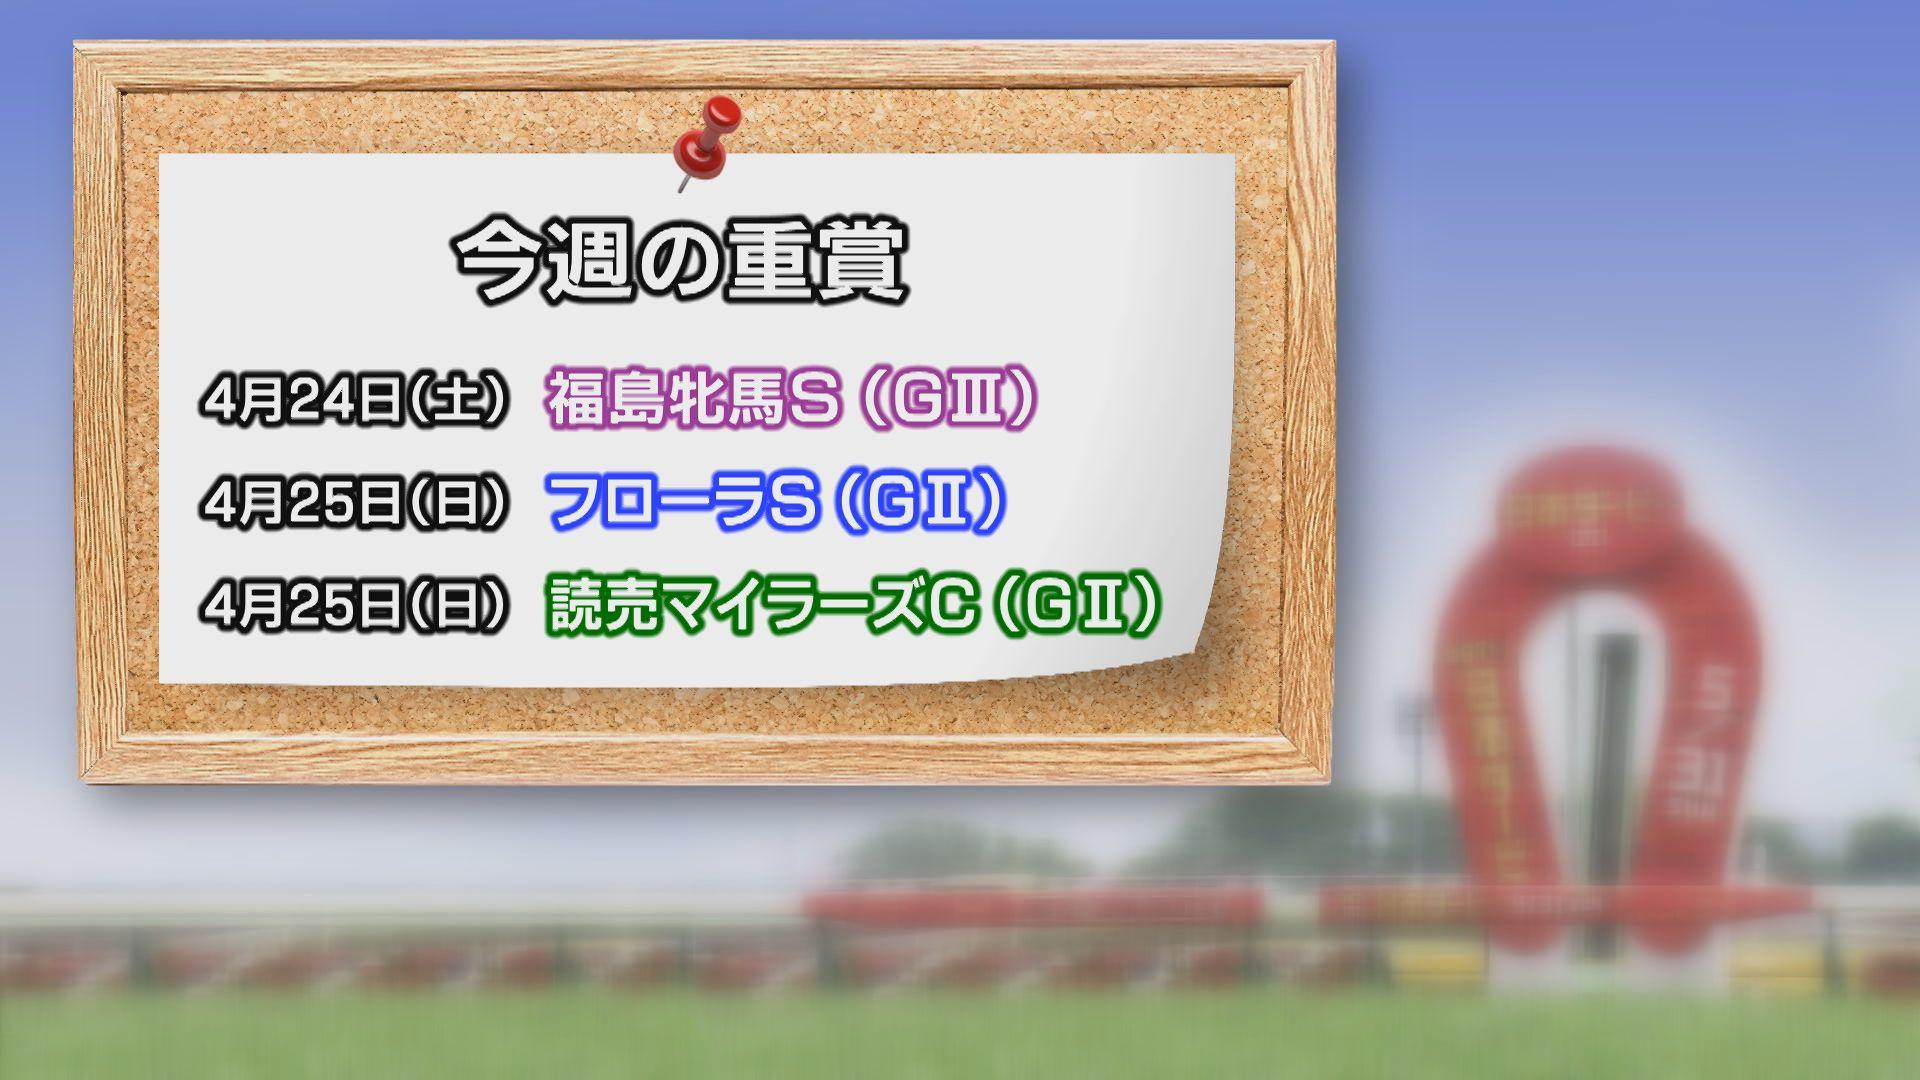 【今週の重賞インフォメーション】フローラS他 4/24(土)・25(日)